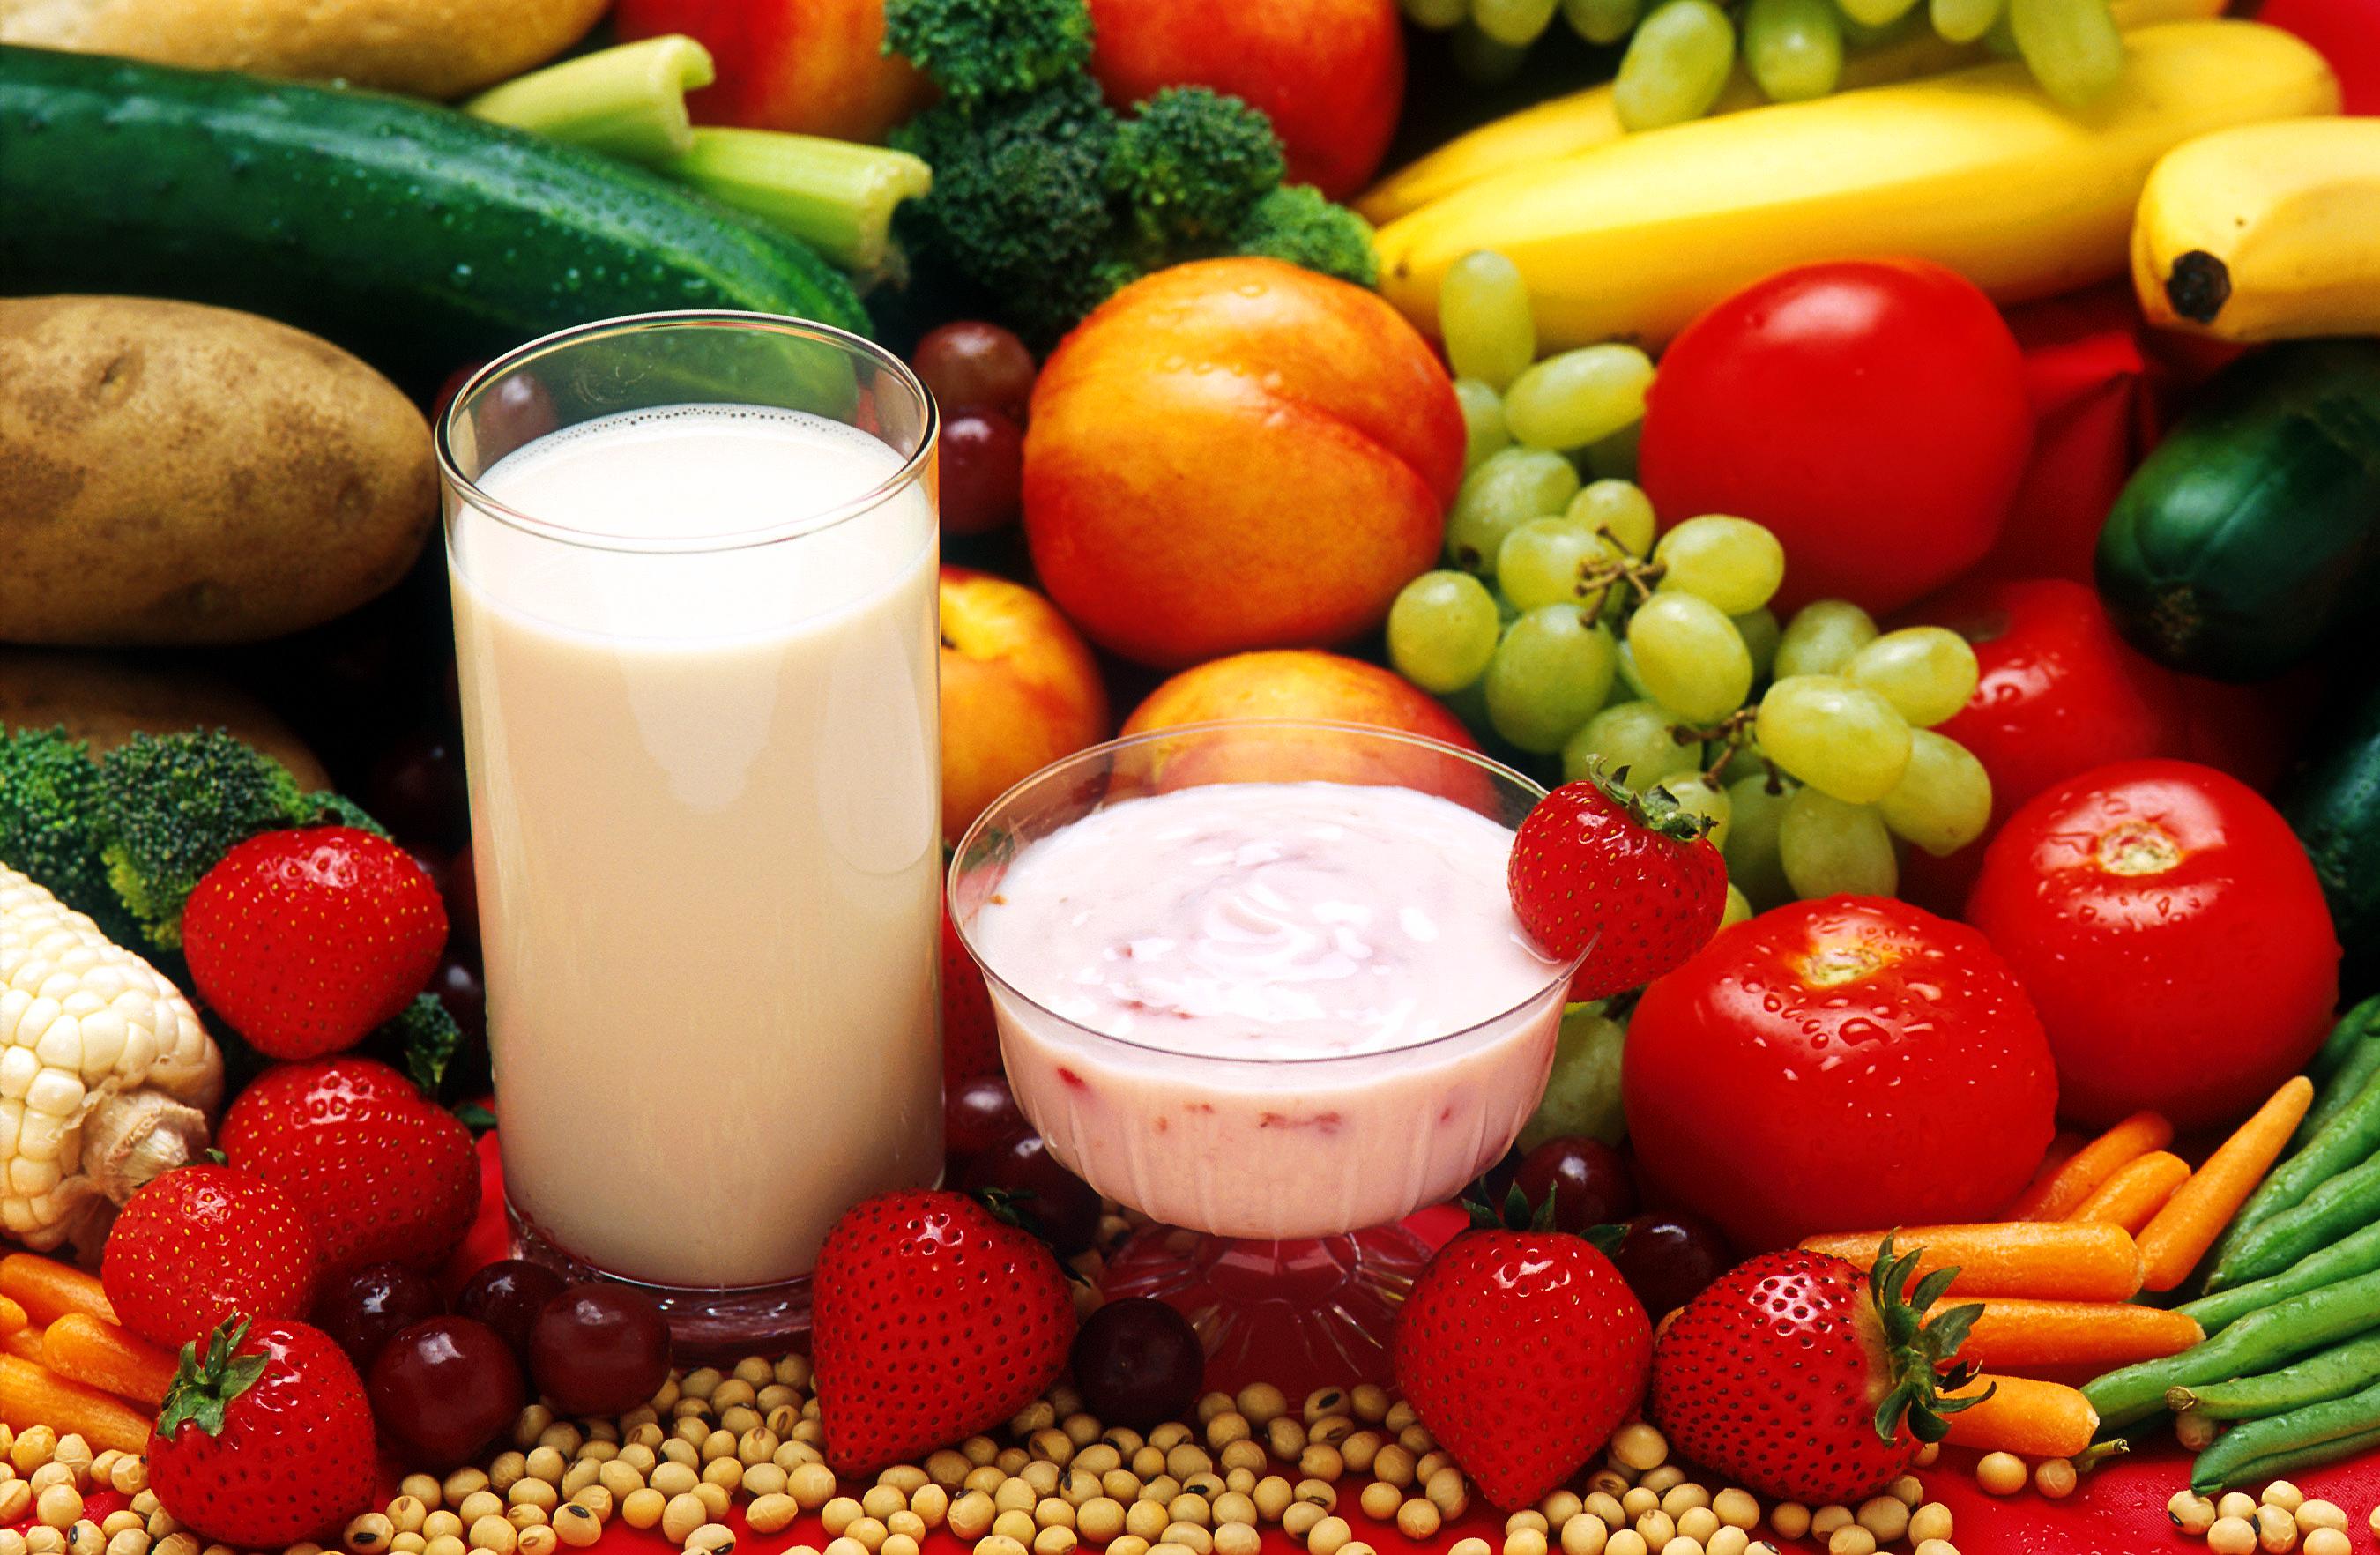 تناول هذه الأغذية يوميا